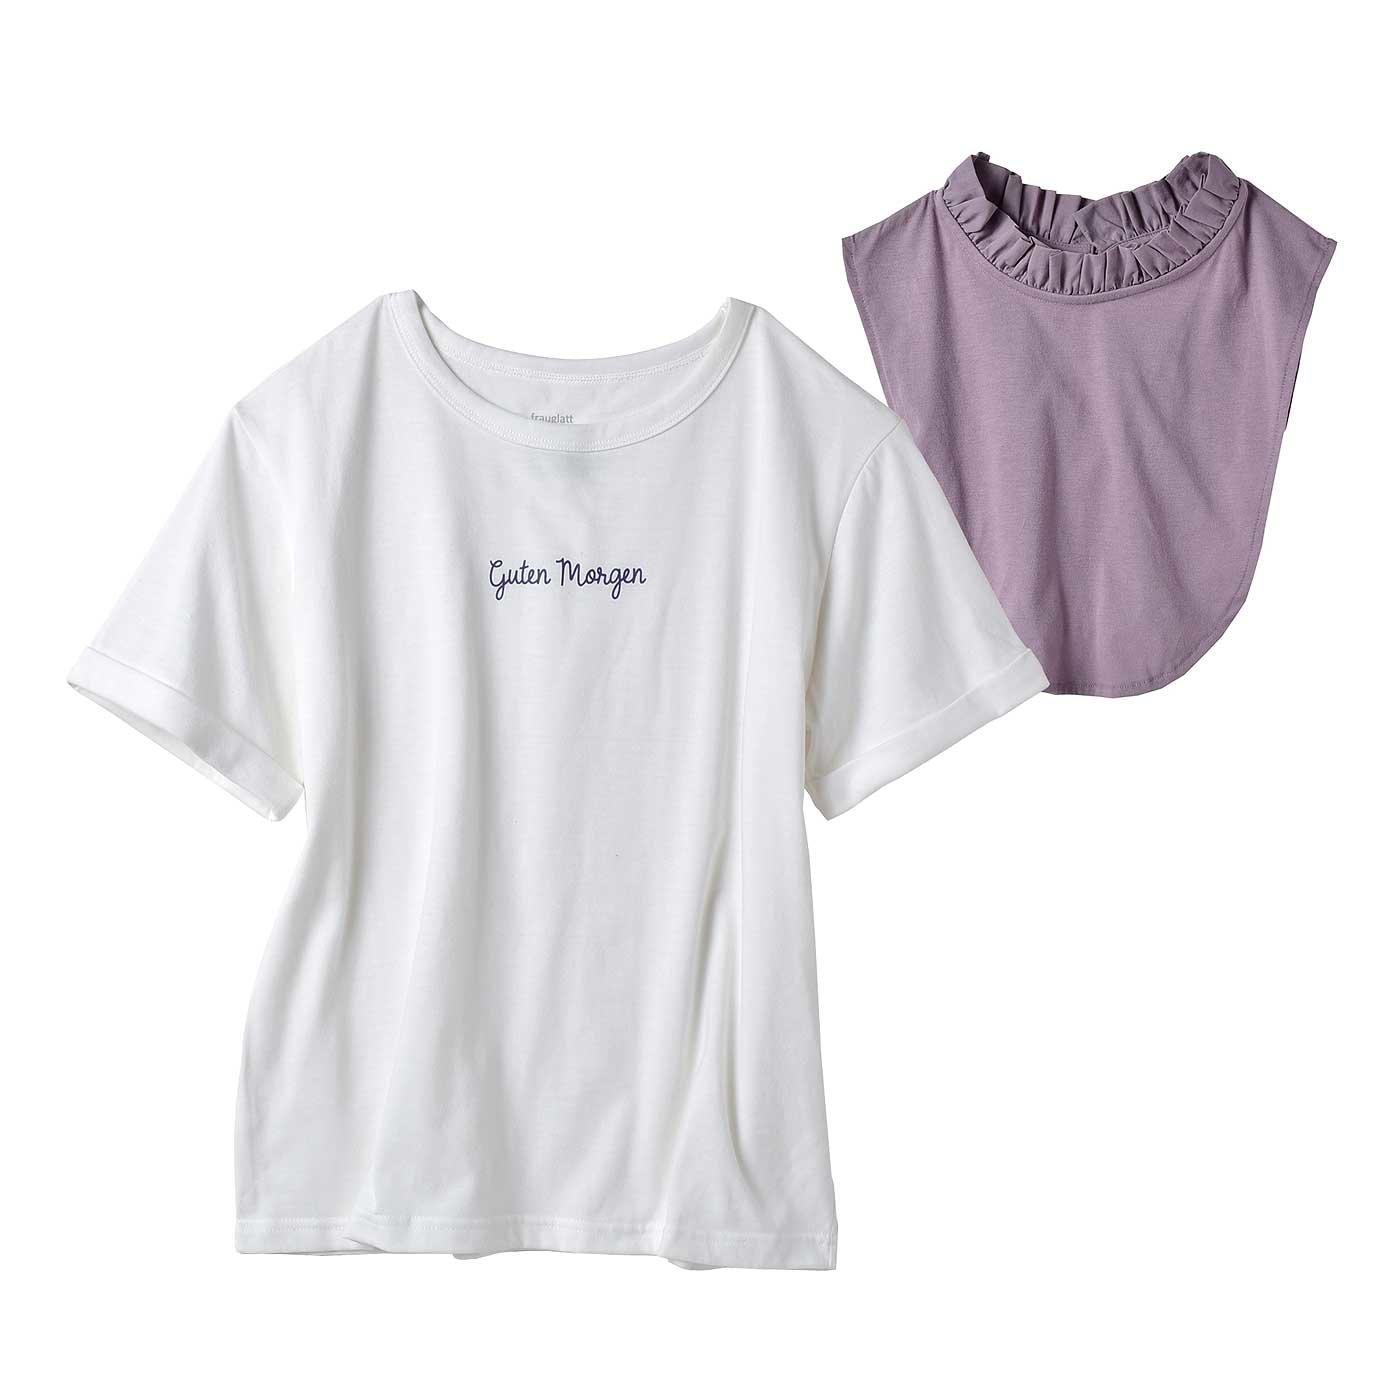 フラウグラット 大人の上品フリル付け衿&ほんのりロゴTシャツセット〈吸水速乾〉〈ホワイト×ローズグレー〉